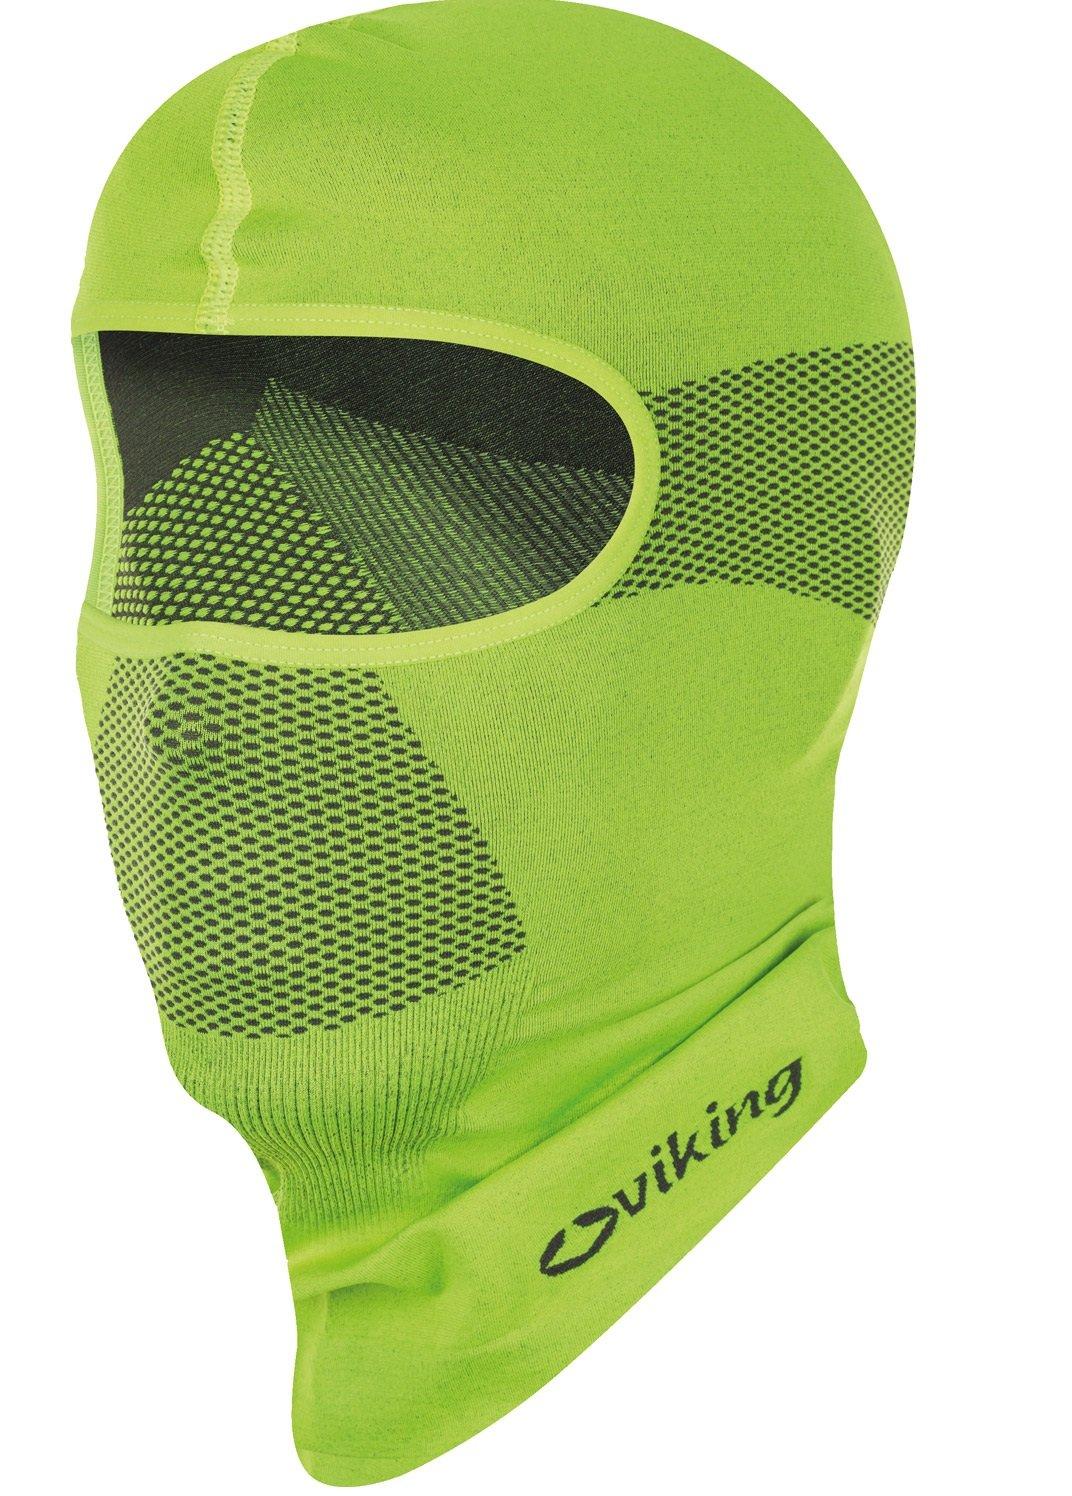 Viking passamontagna maschera da sci protezione dal freddo Protezione per  il viso – Traspirante ed Elastico d43ac6752edf